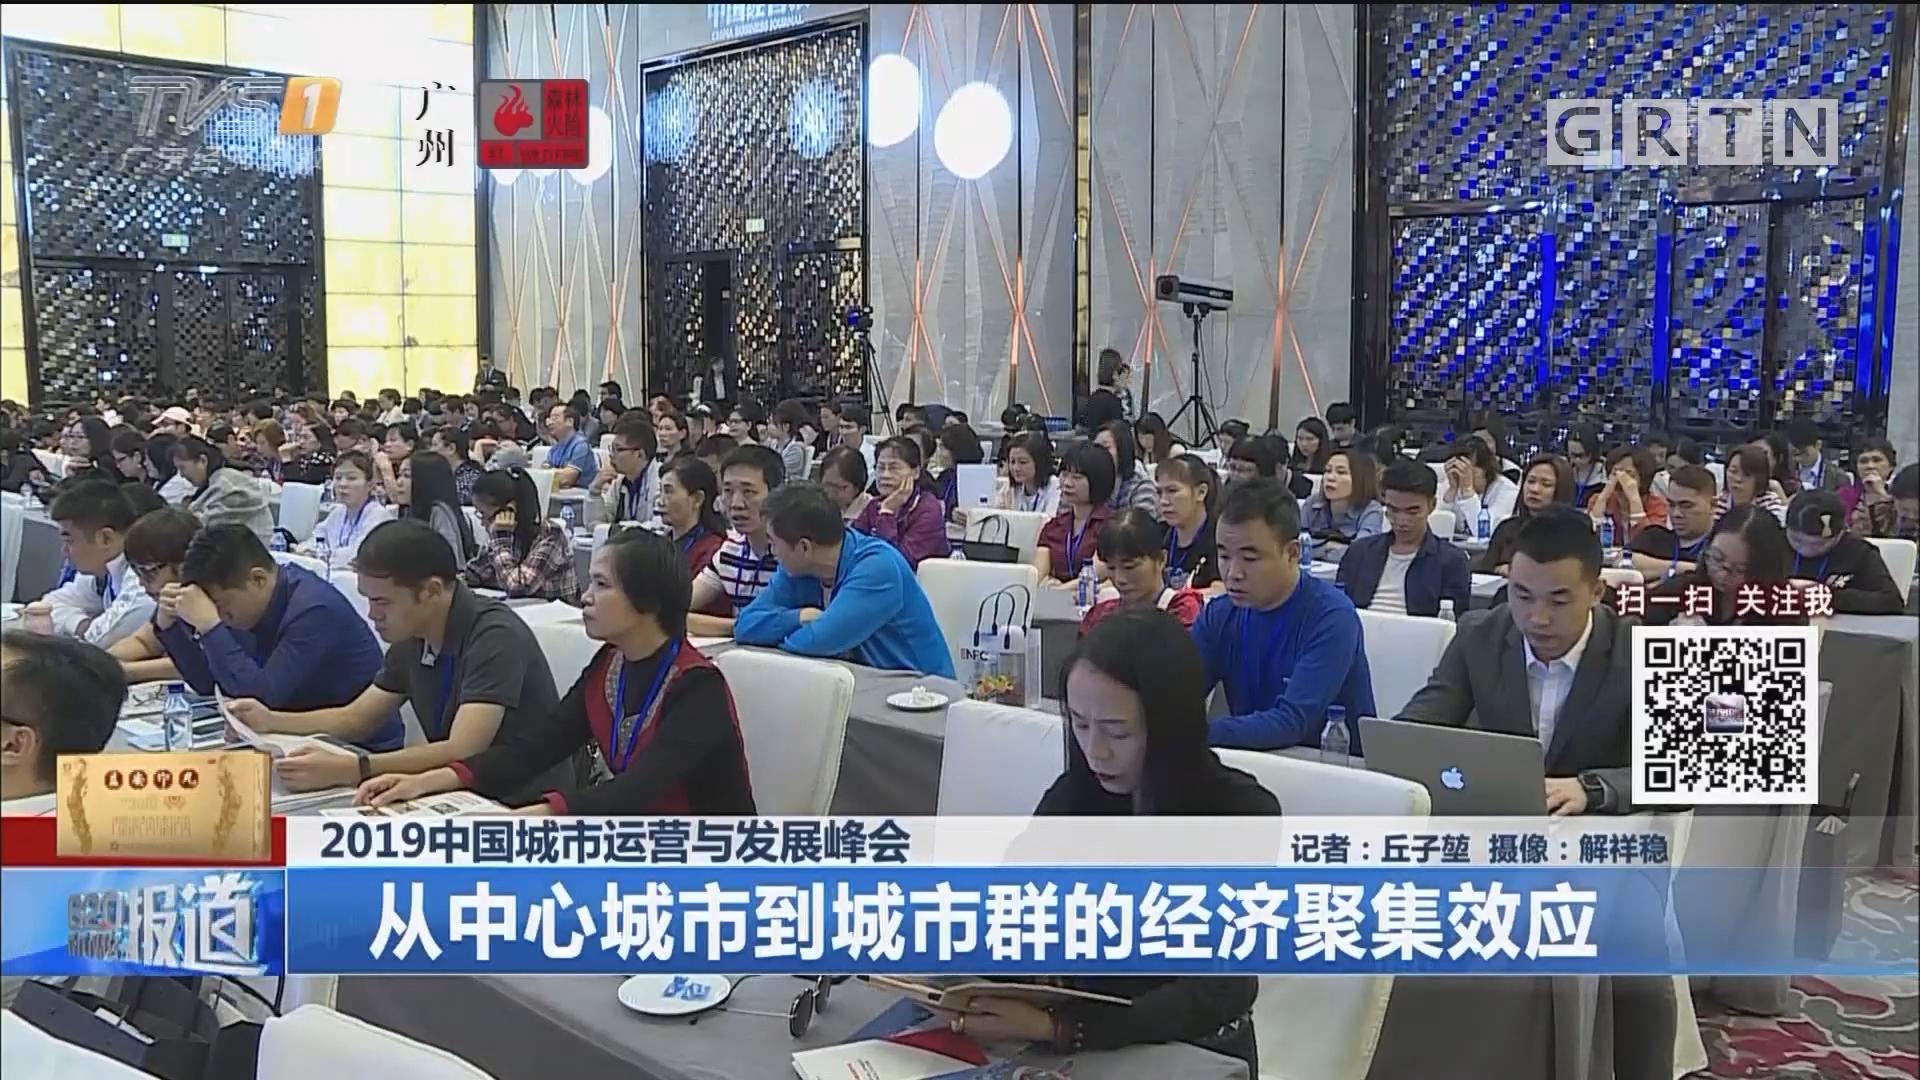 2019中国城市运营与发展峰会 从中心城市到城市群的经济聚集效应